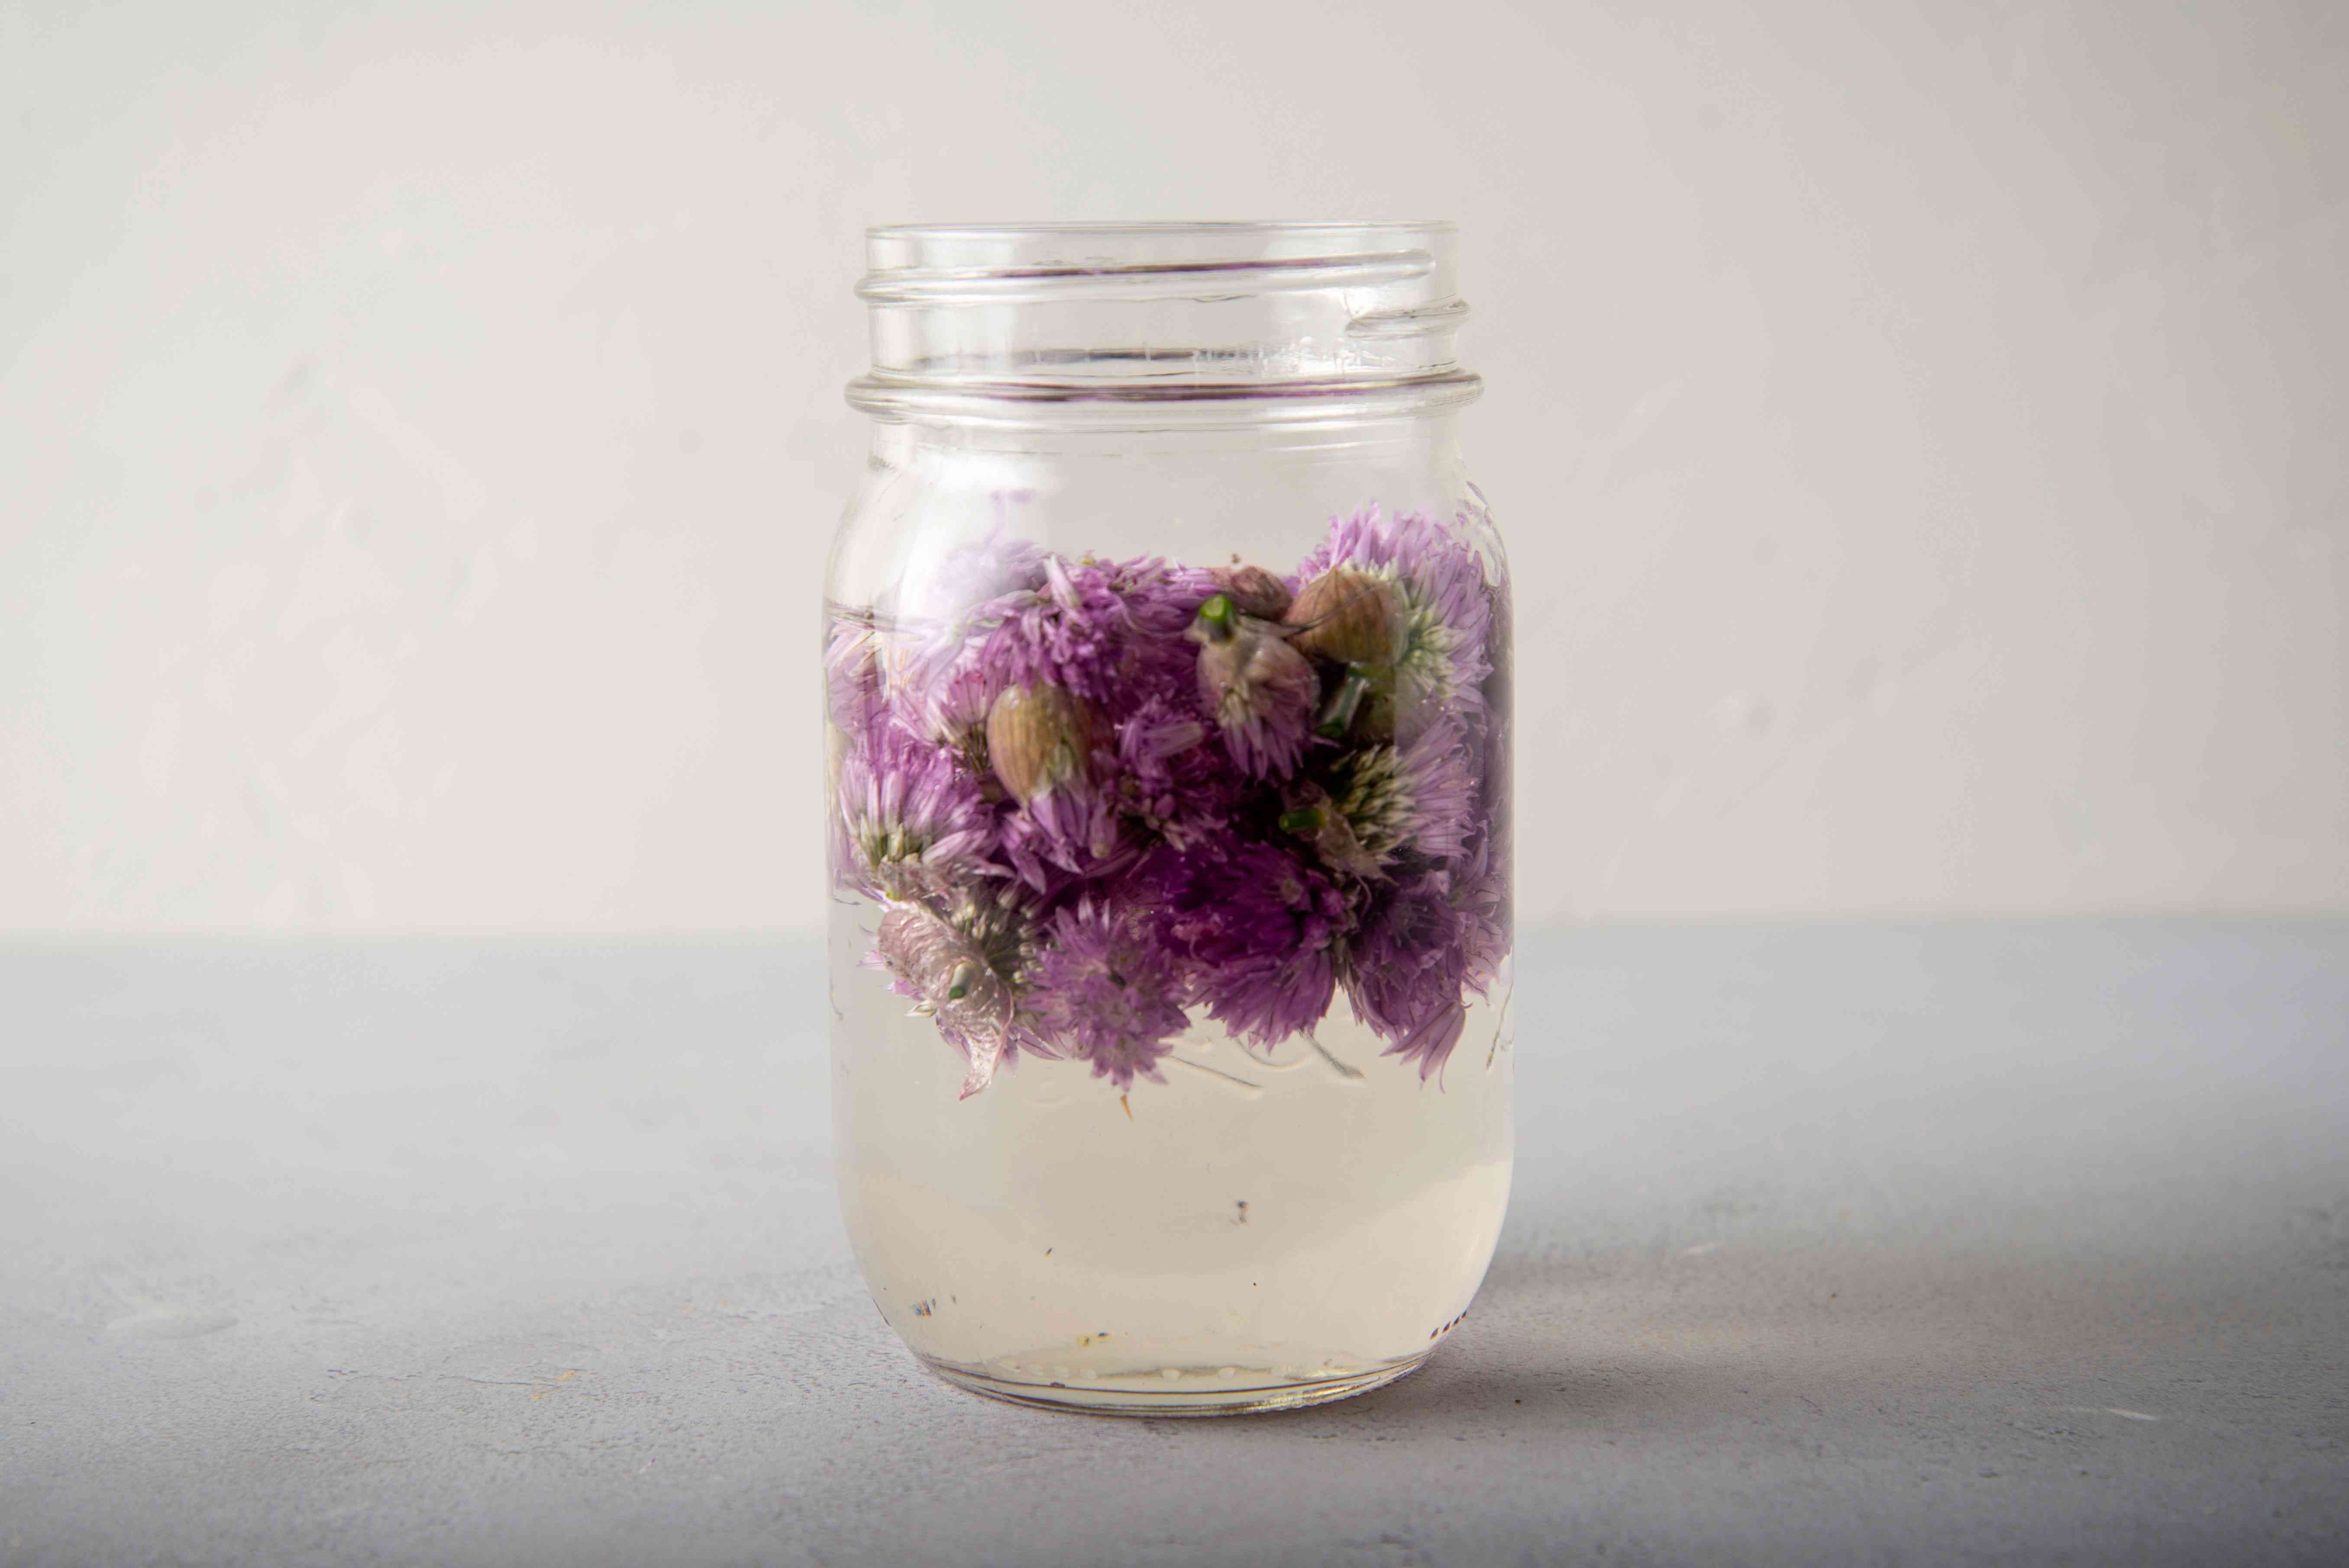 chive blossoms in vinegar in jar